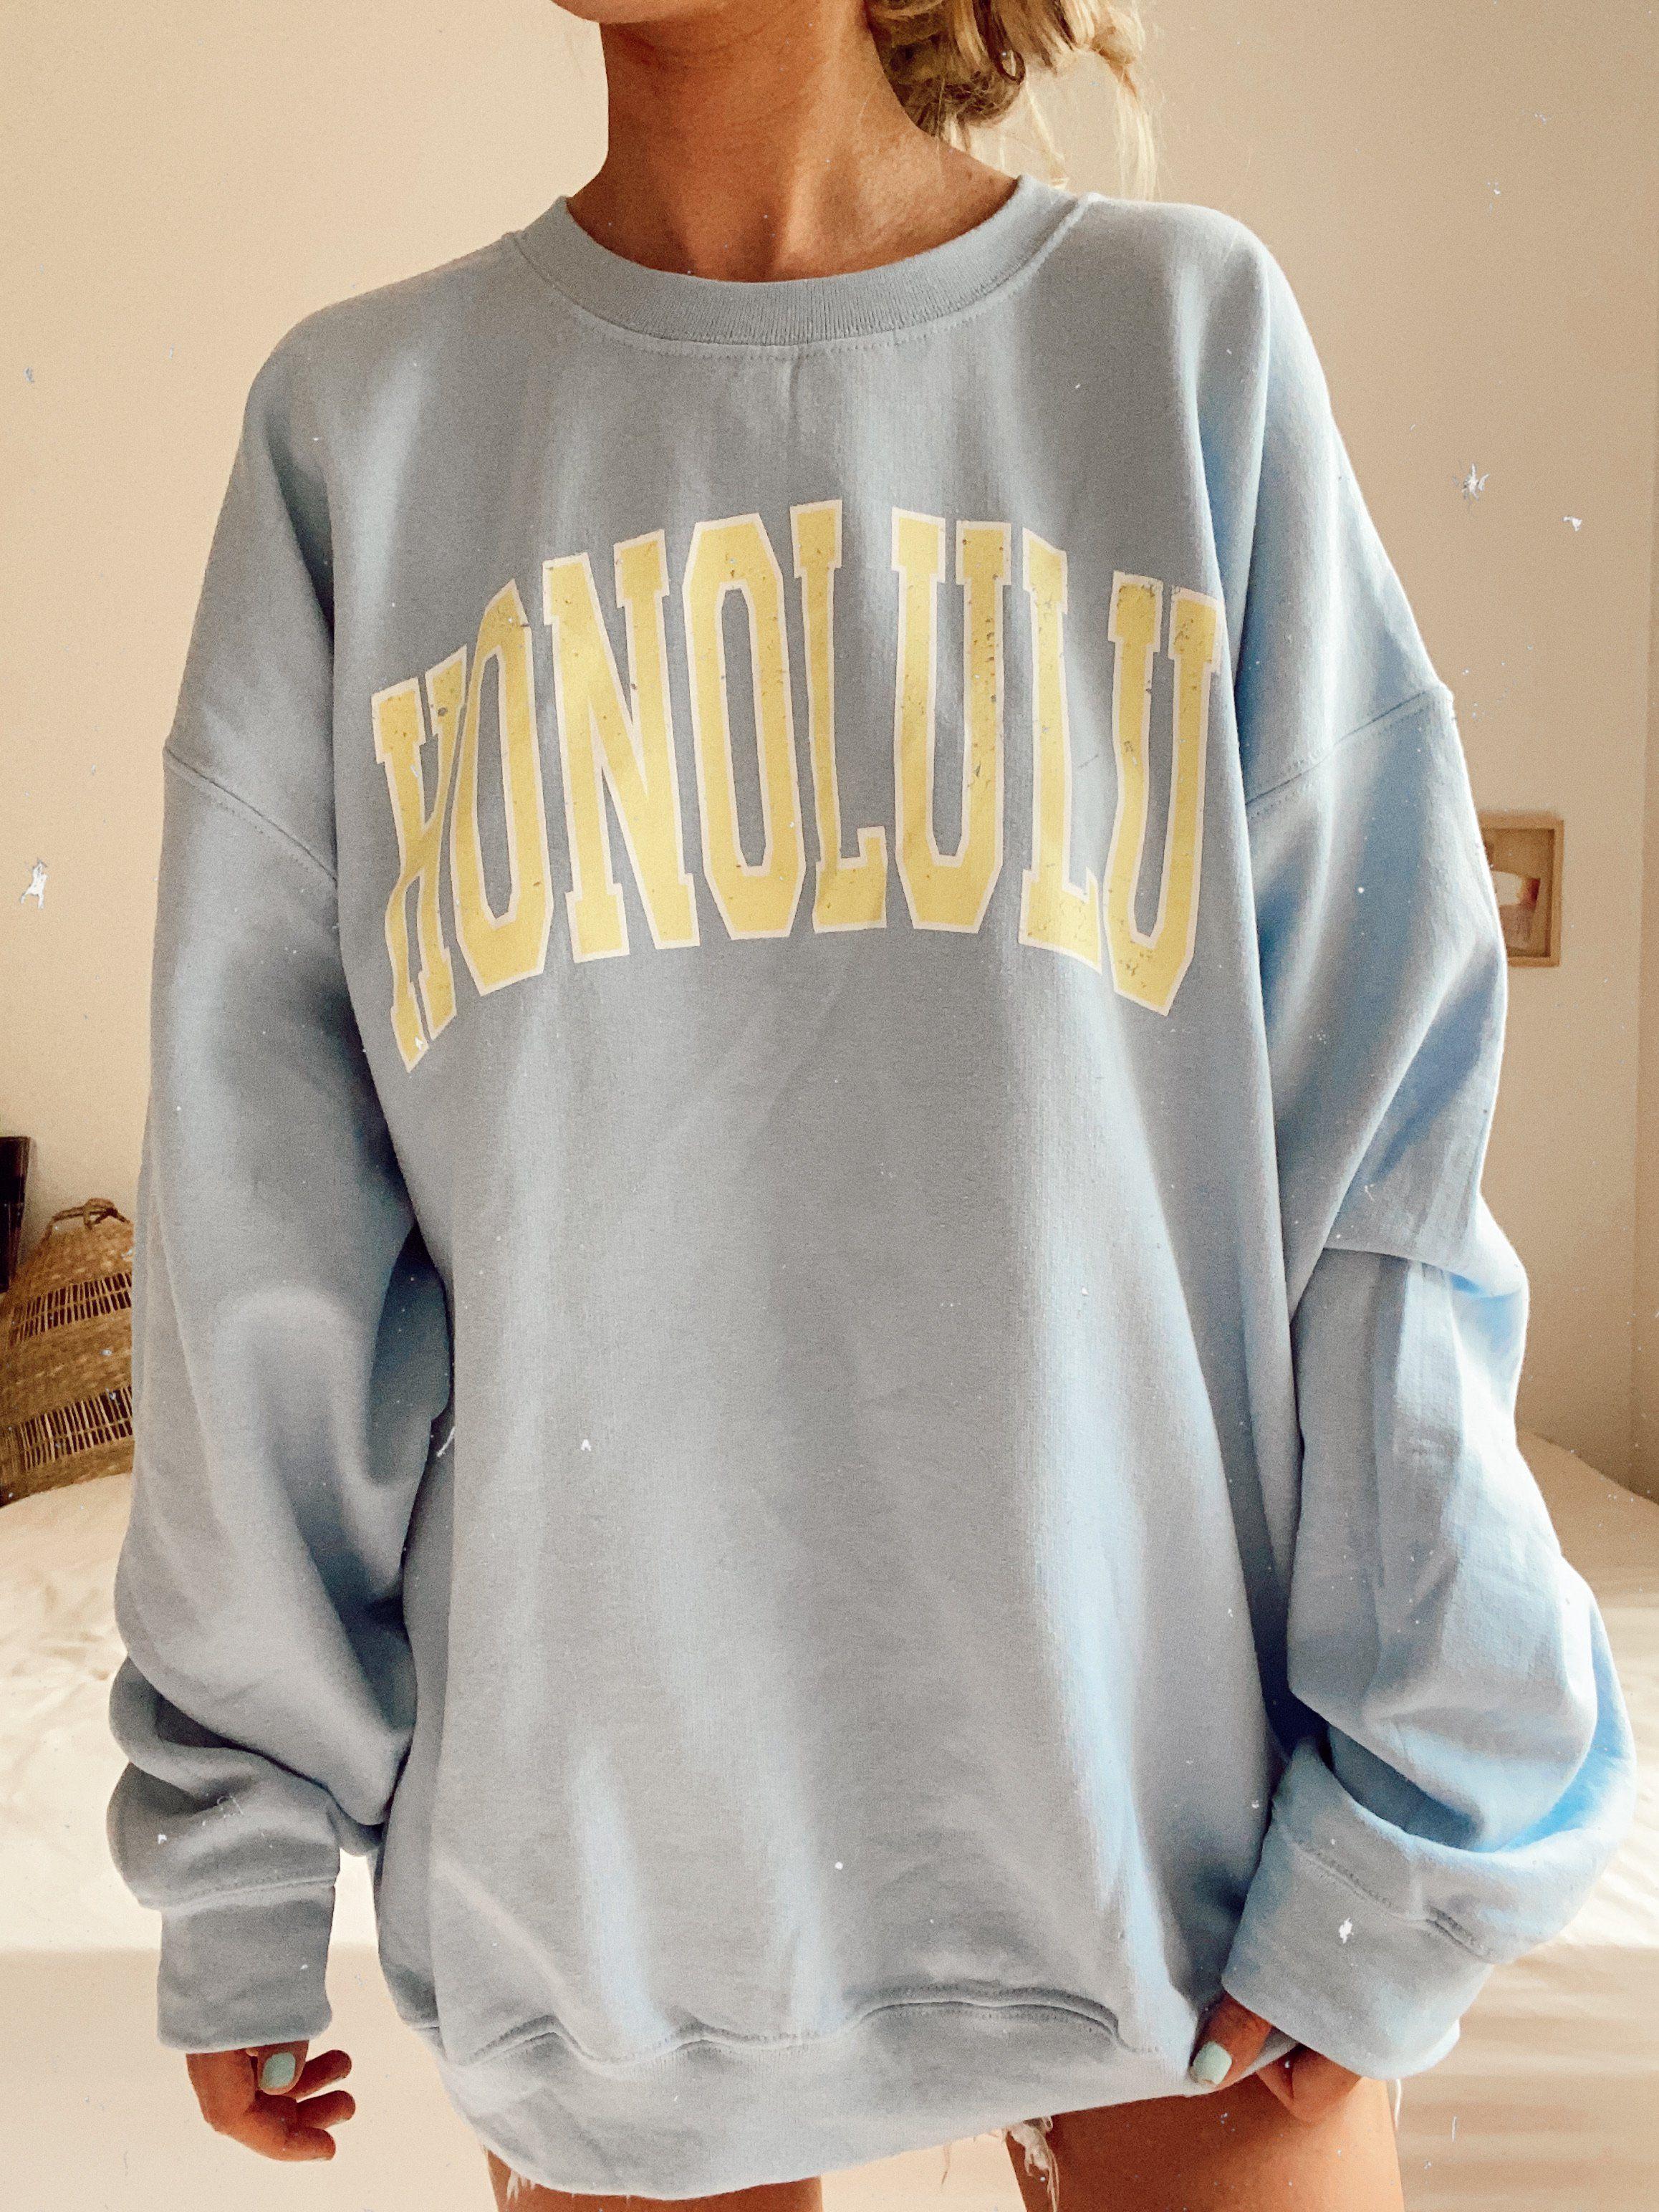 Honolulu Sweatshirt Sunkissedcoconut In 2021 Vintage Crewneck Sweatshirt Baggy Sweatshirts Sweatshirts [ 3088 x 2316 Pixel ]